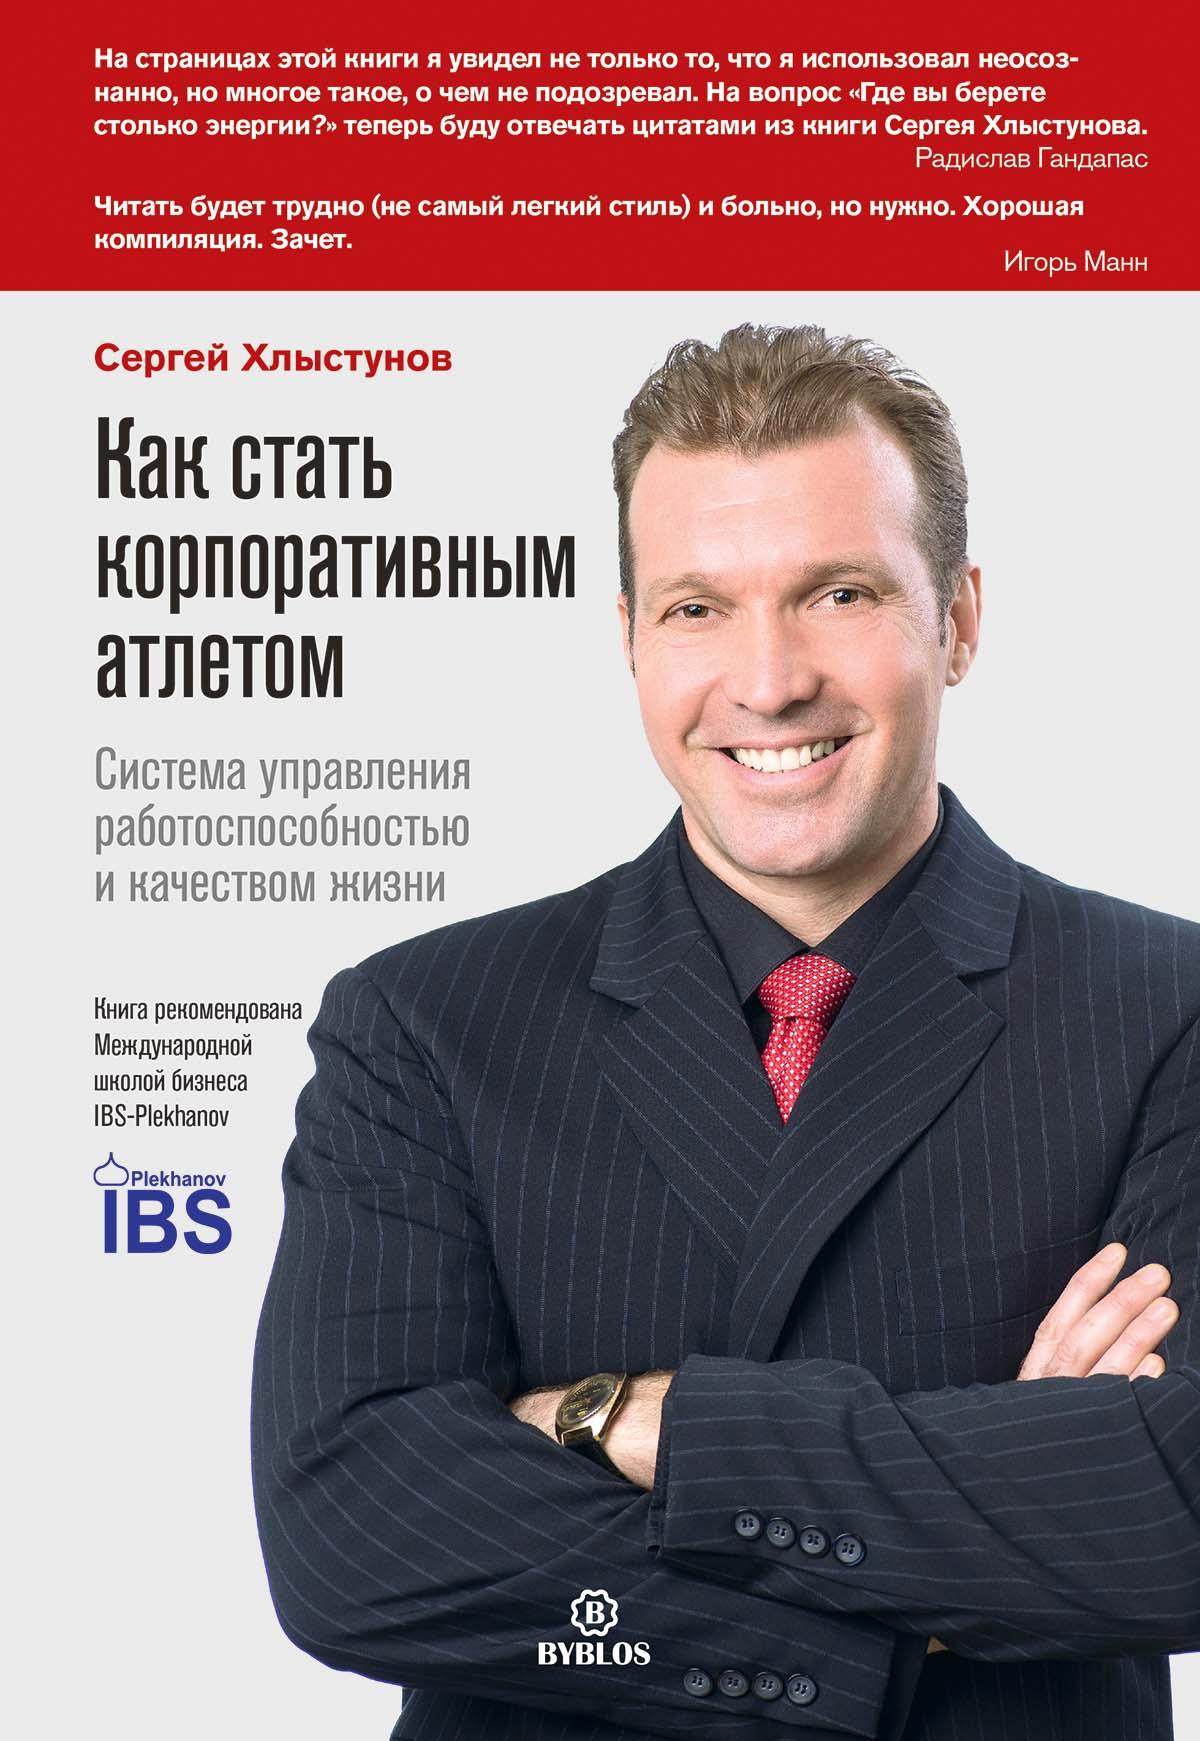 Сергей Хлыстунов Как стать корпоративным атлетом. Система управления работоспособностью и качеством жизни